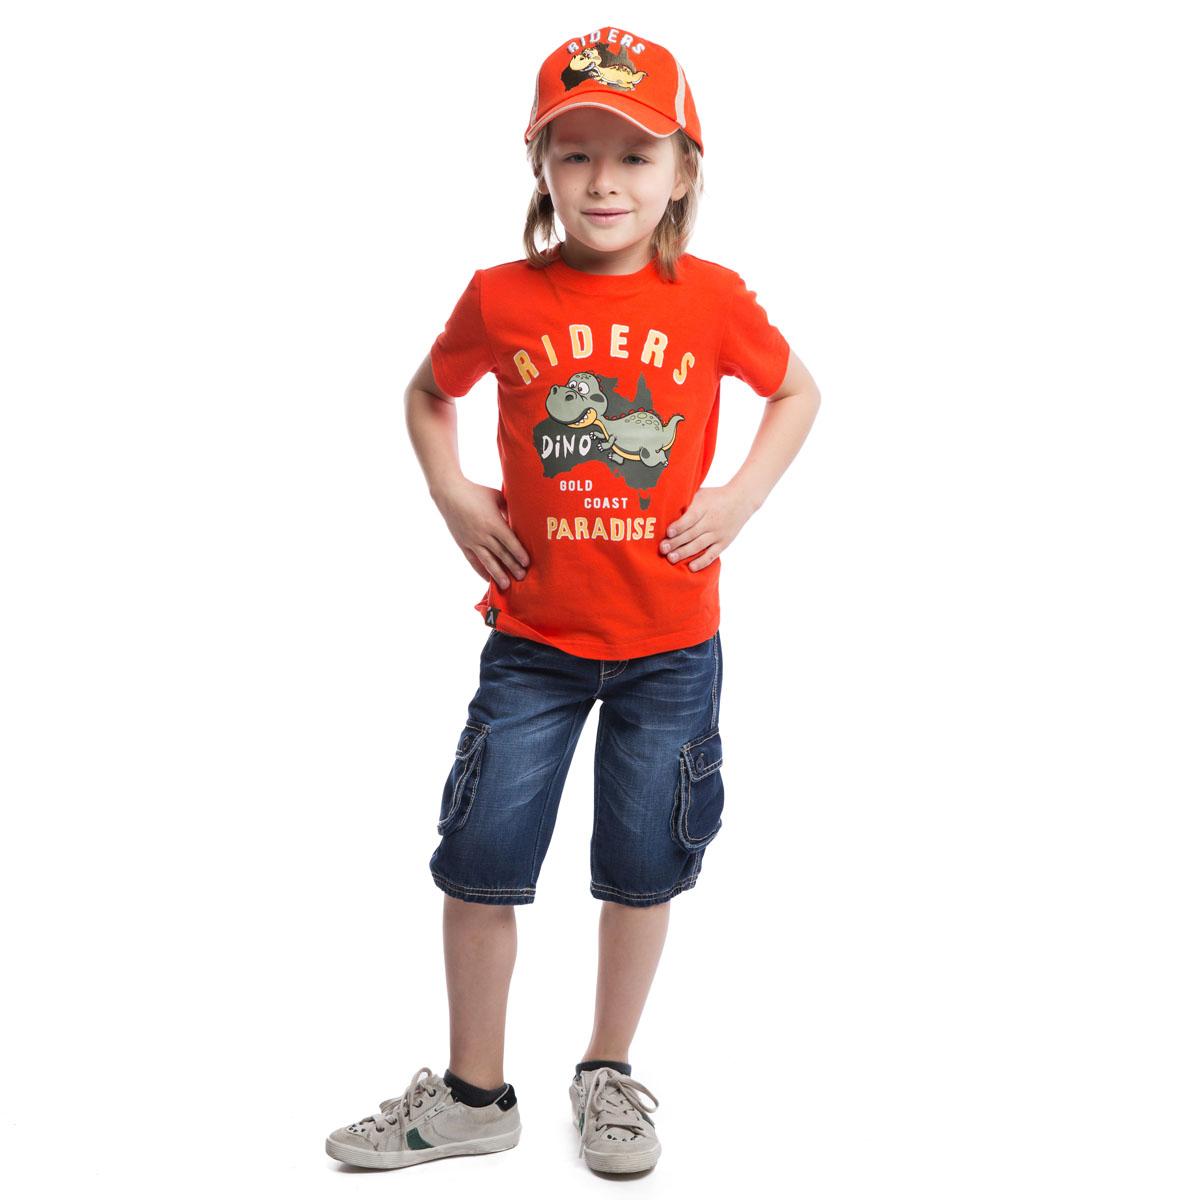 Футболка для мальчика. 261010261010Футболка для мальчика PlayToday идеально подойдет маленькому моднику и станет отличным дополнением к его гардеробу. Изготовленная из эластичного хлопка, она мягкая и приятная на ощупь, не сковывает движения ребенка и позволяет коже дышать, обеспечивая наибольший комфорт. Футболка с круглым вырезом горловины и короткими рукавами оформлена резиновым принтом в виде динозавра и надписями. Воротник дополнен мягкой трикотажной резинкой. Снизу имеется небольшая текстильная нашивка с логотипом бренда. В такой футболке ребенок будет чувствовать себя комфортно, уютно и всегда будет в центре внимания!